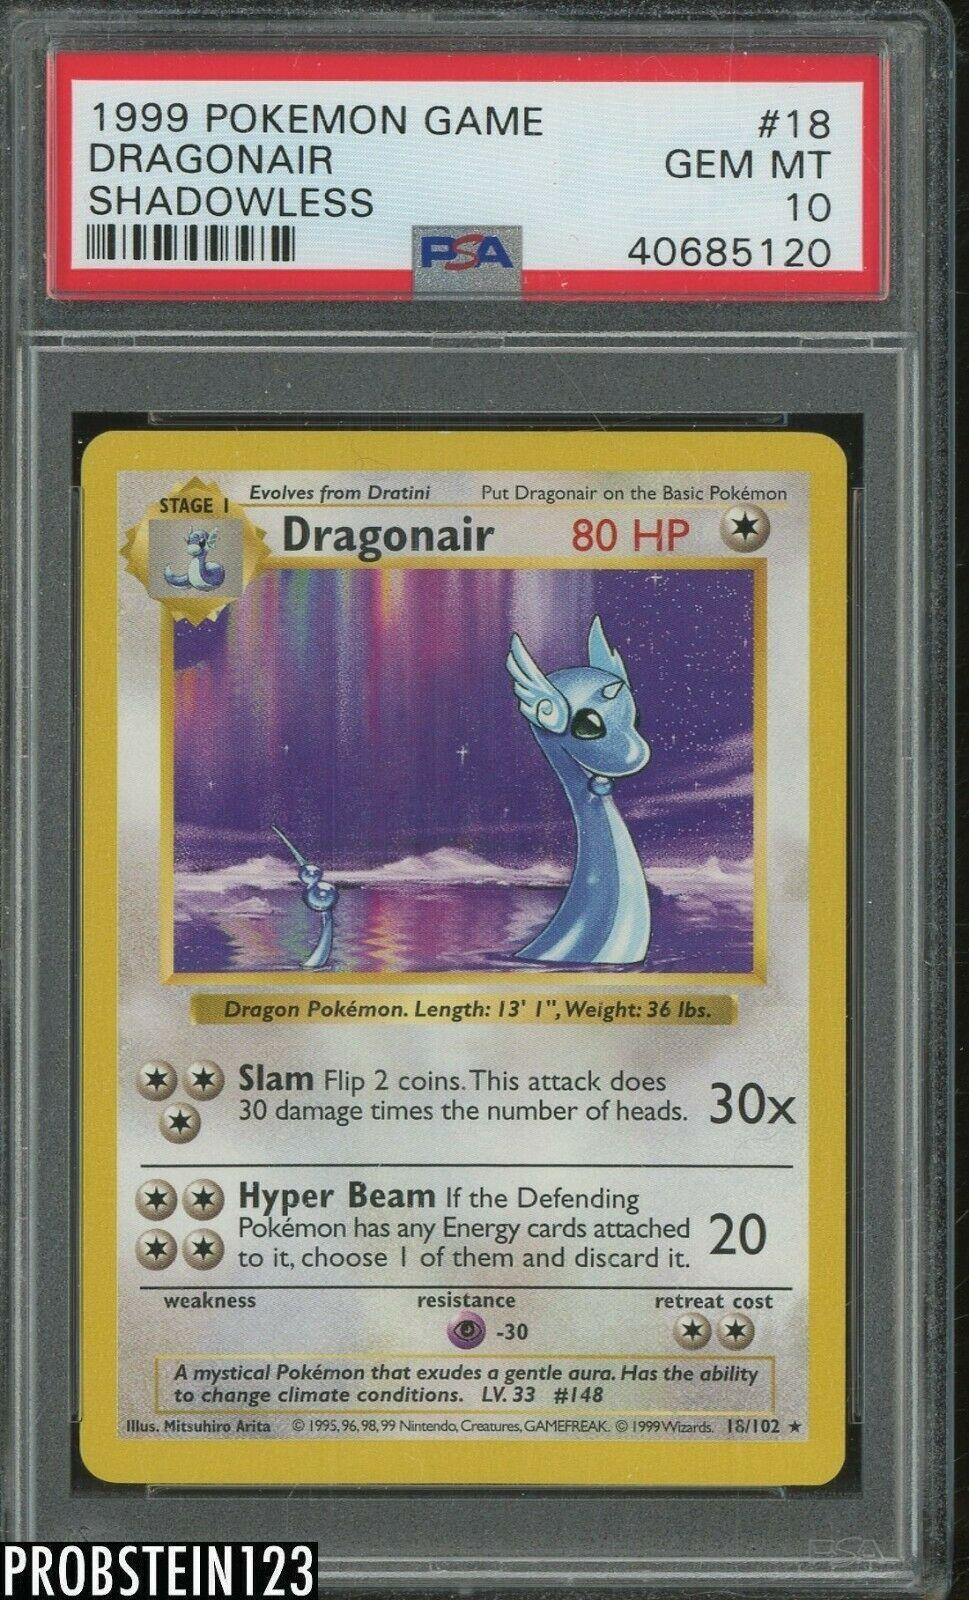 1999 Pokemon Game Shadowless 18 Dragonair PSA 10 GEM MINT